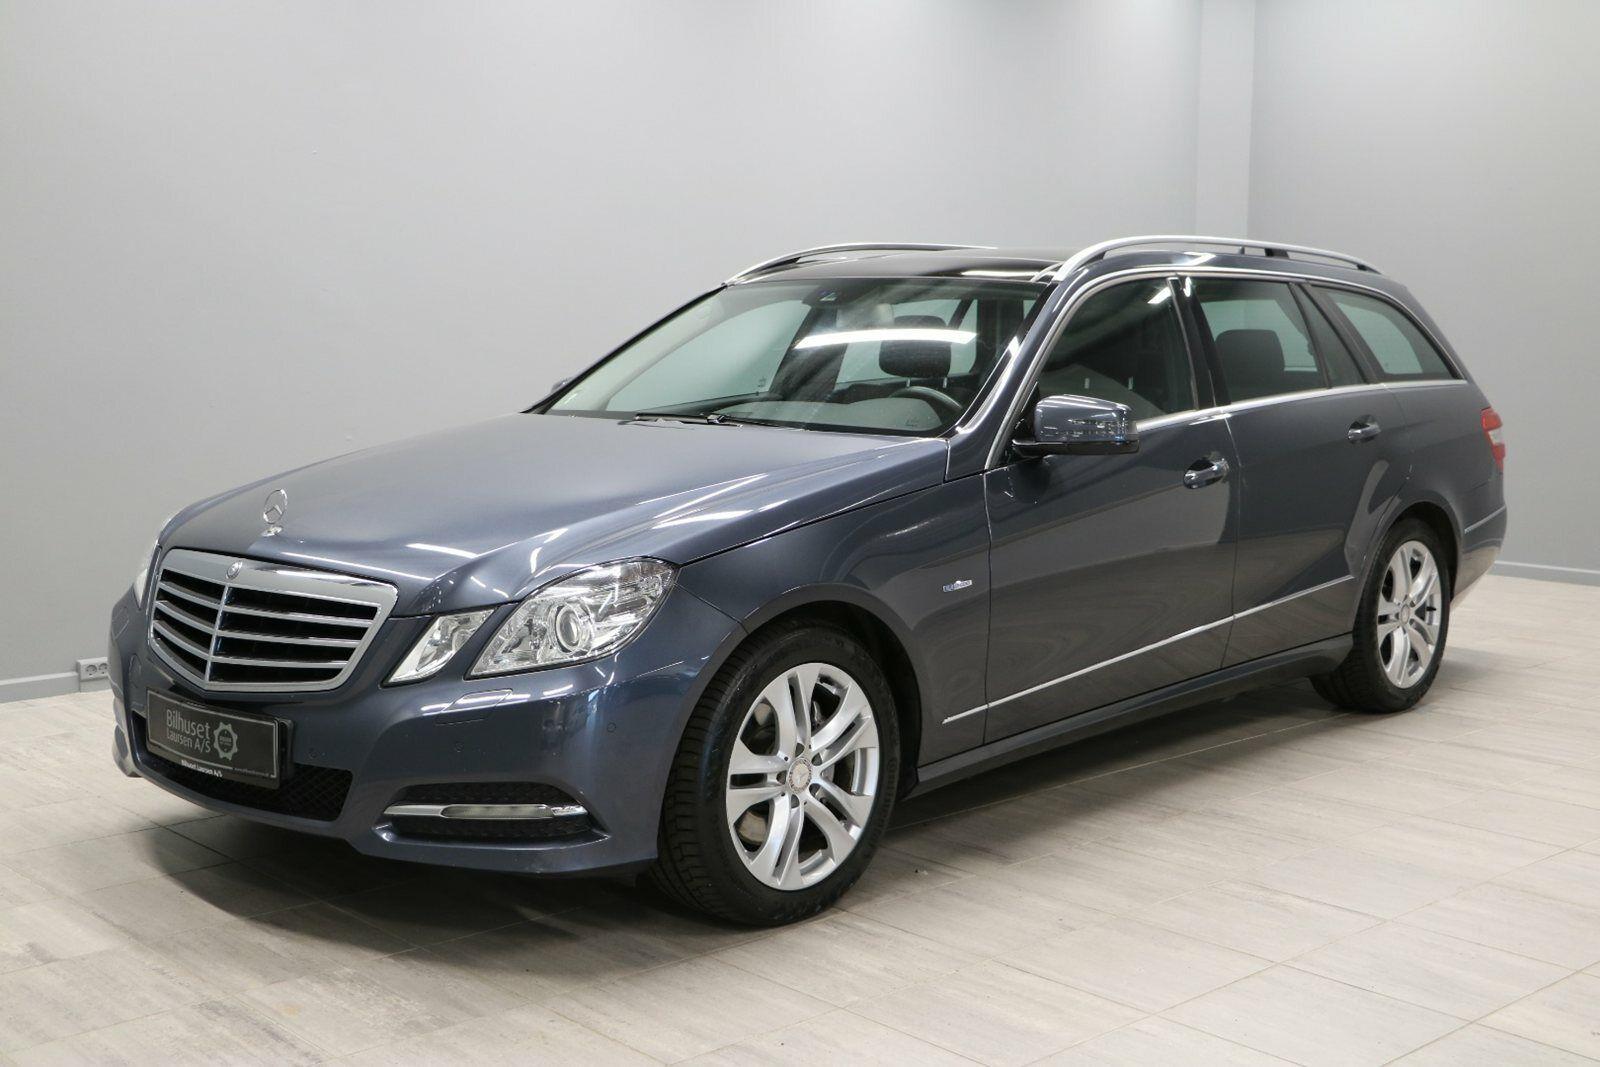 Mercedes E250 2,2 CDi Avantgarde stc. aut. BE 5d - 284.900 kr.